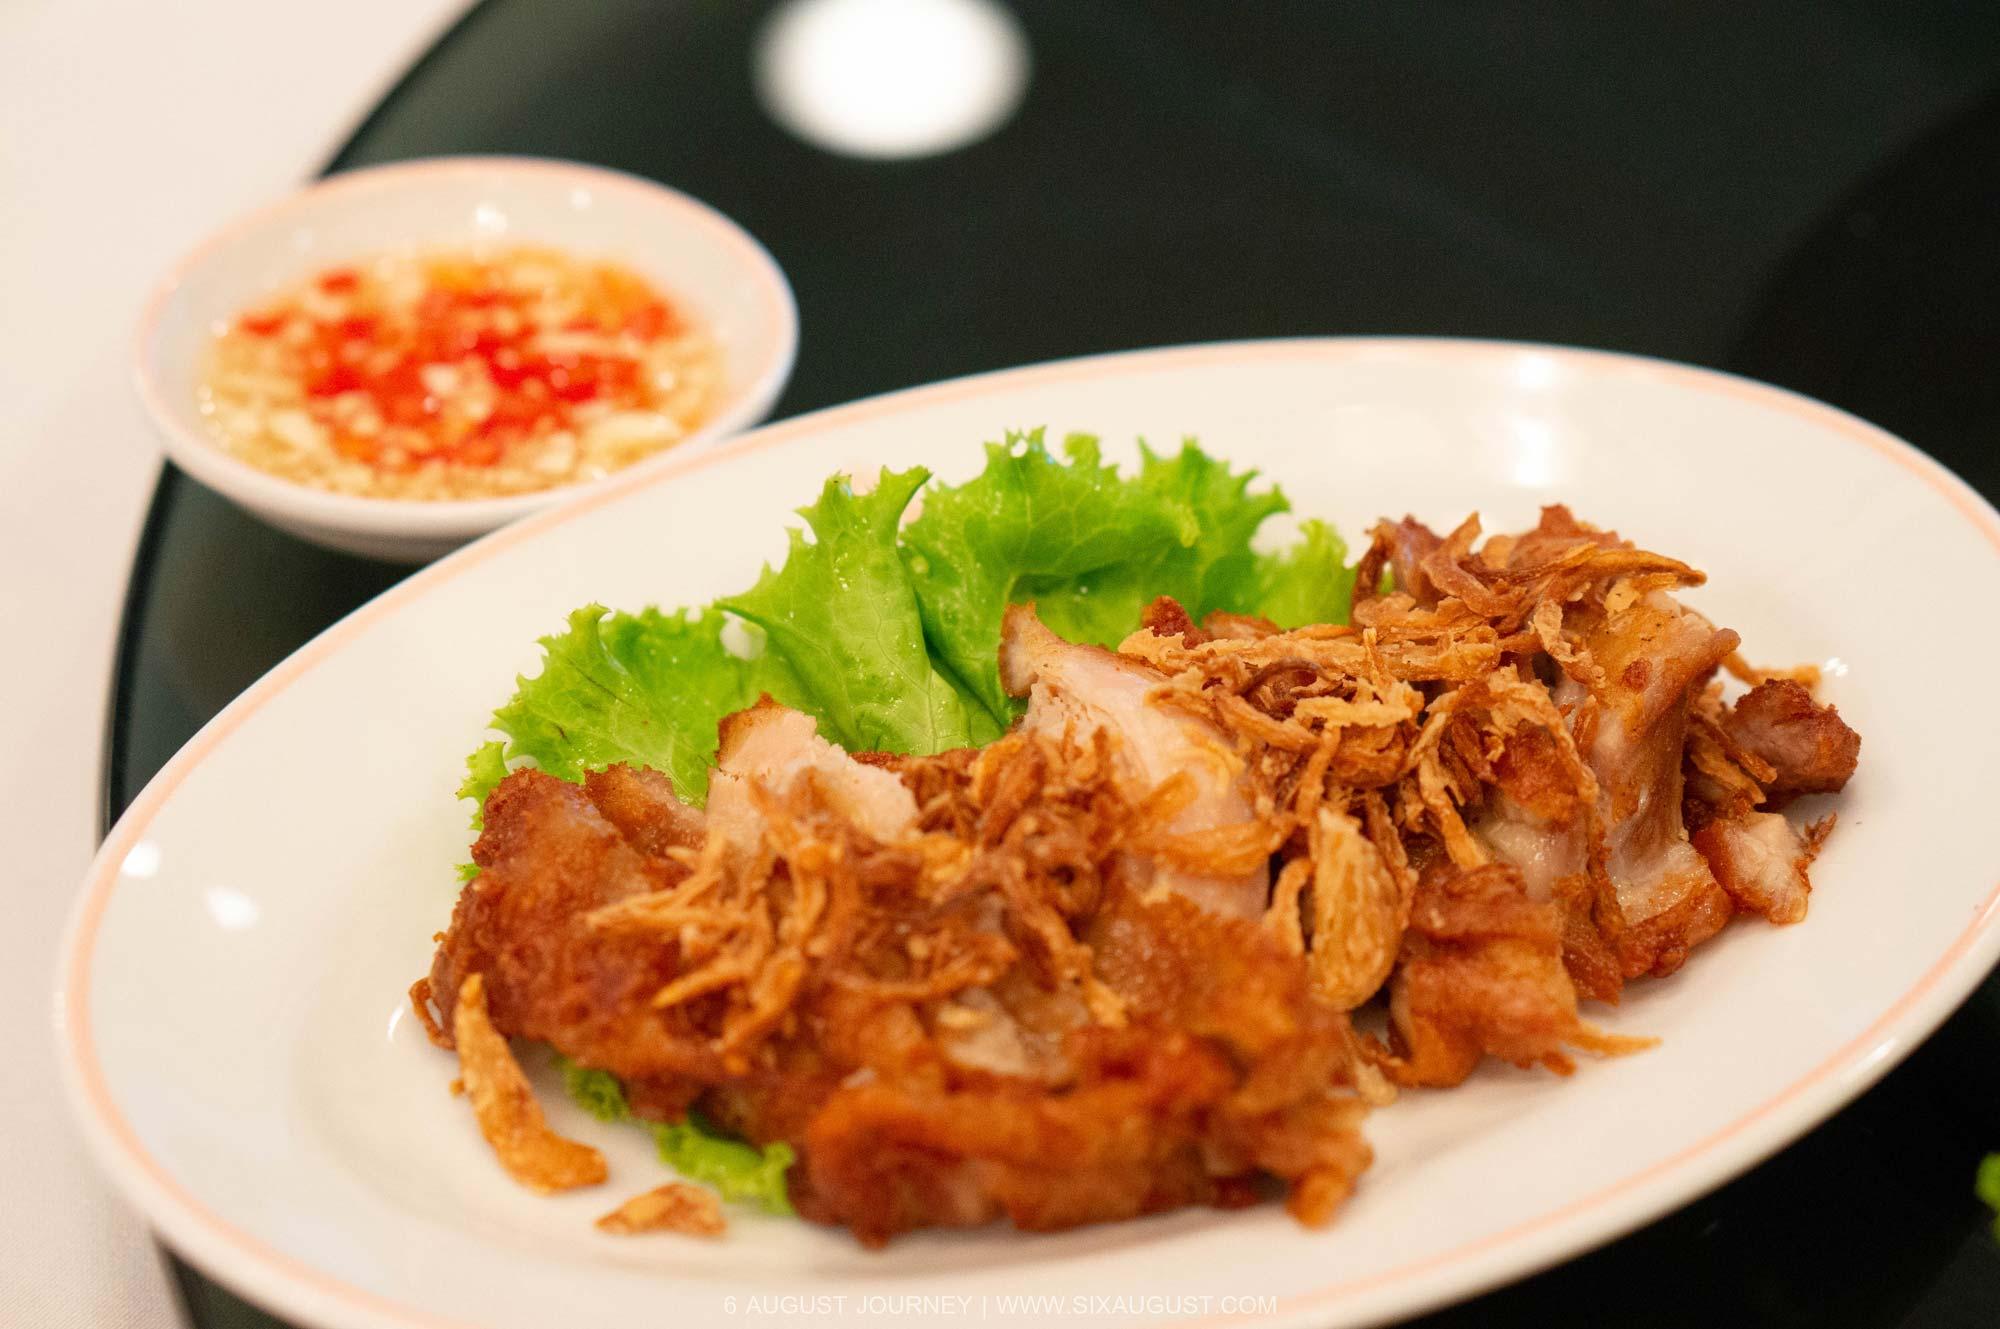 ไก่ทอดเวียดนาม บุฟเฟ่ต์อาหารเวียดนาม